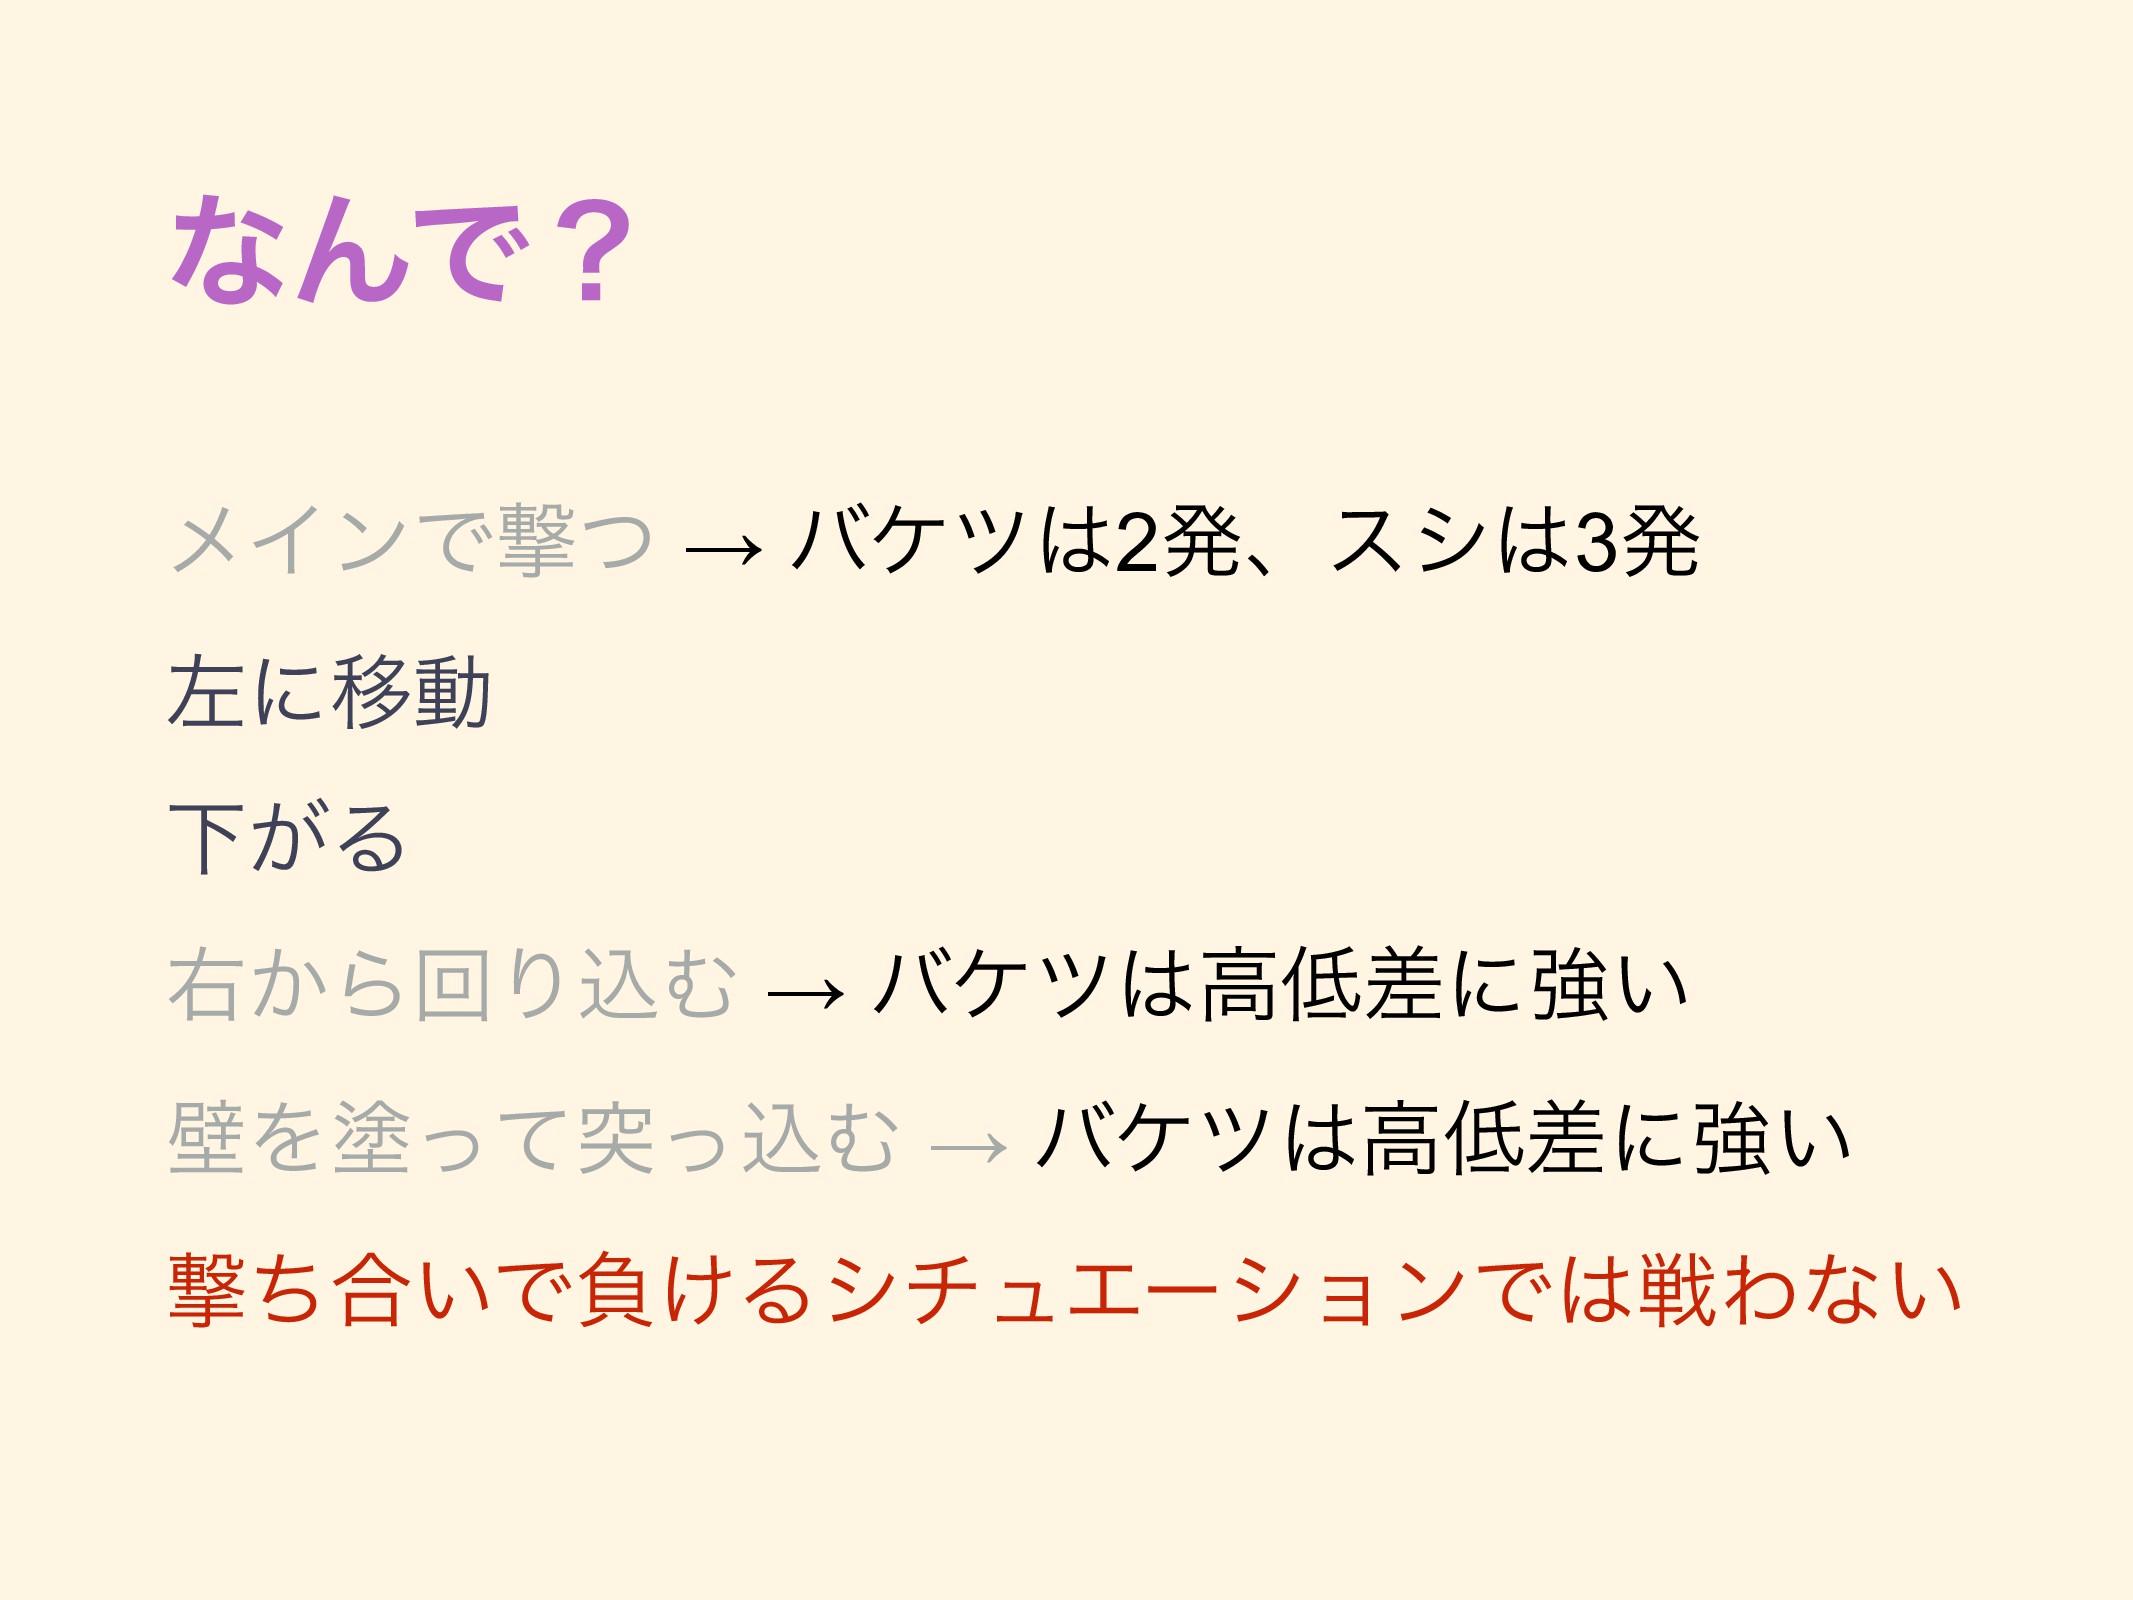 ͳΜͰʁ ϝΠϯͰܸͭ → όέπ2ൃɺεγ3ൃ ࠨʹҠಈ Լ͕Δ ӈ͔ΒճΓࠐΉ → ό...